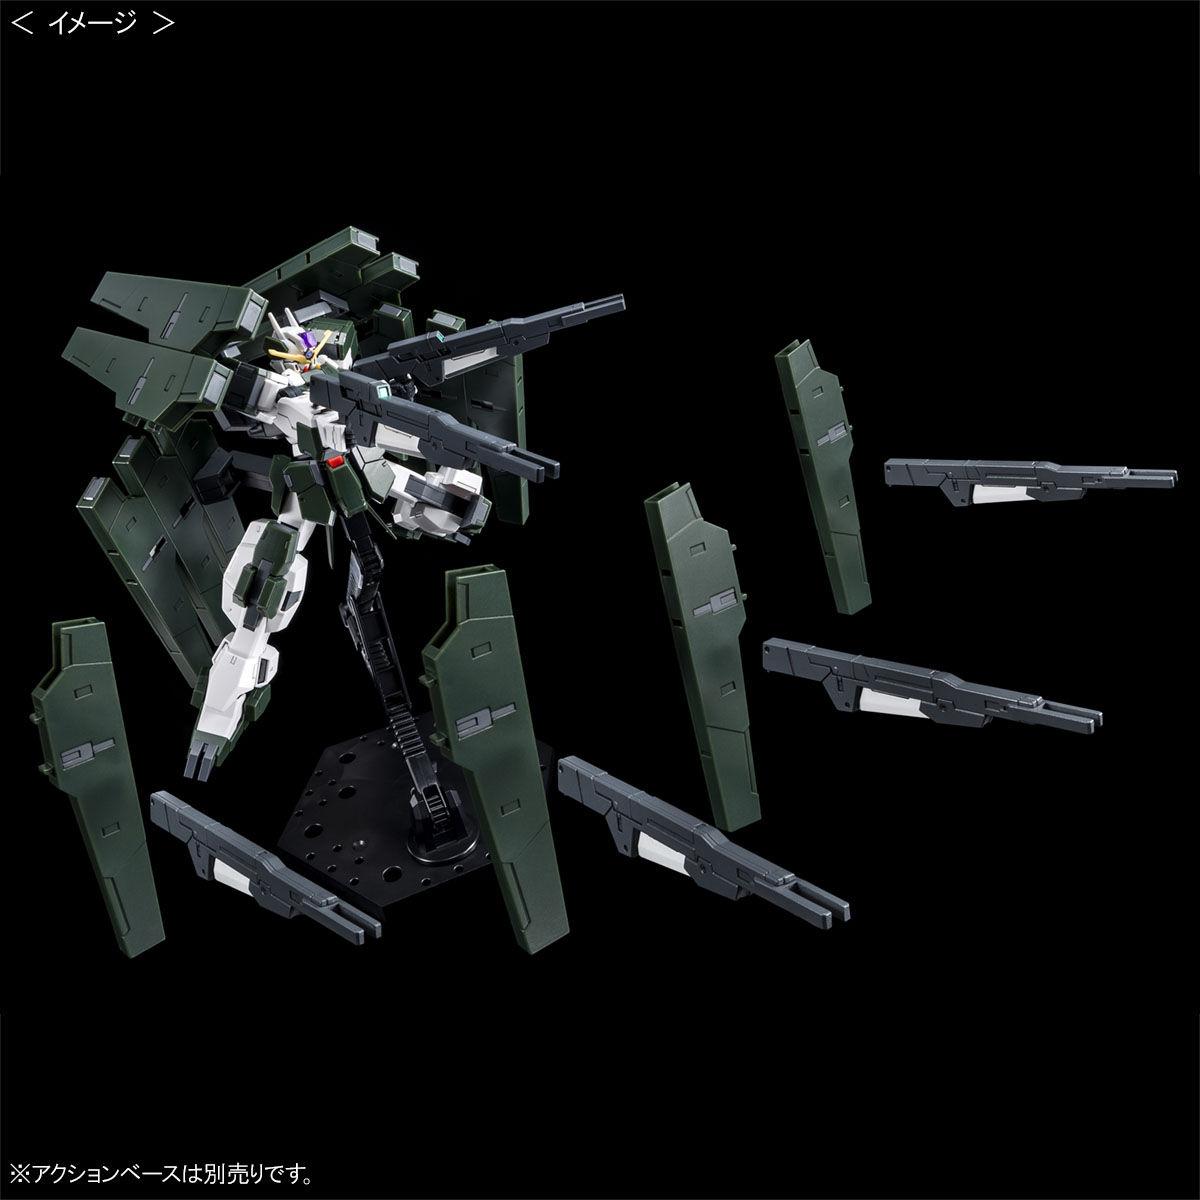 【限定販売】HG 1/144『ガンダムサバーニャ(最終決戦仕様)』ガンダム00 プラモデル-006